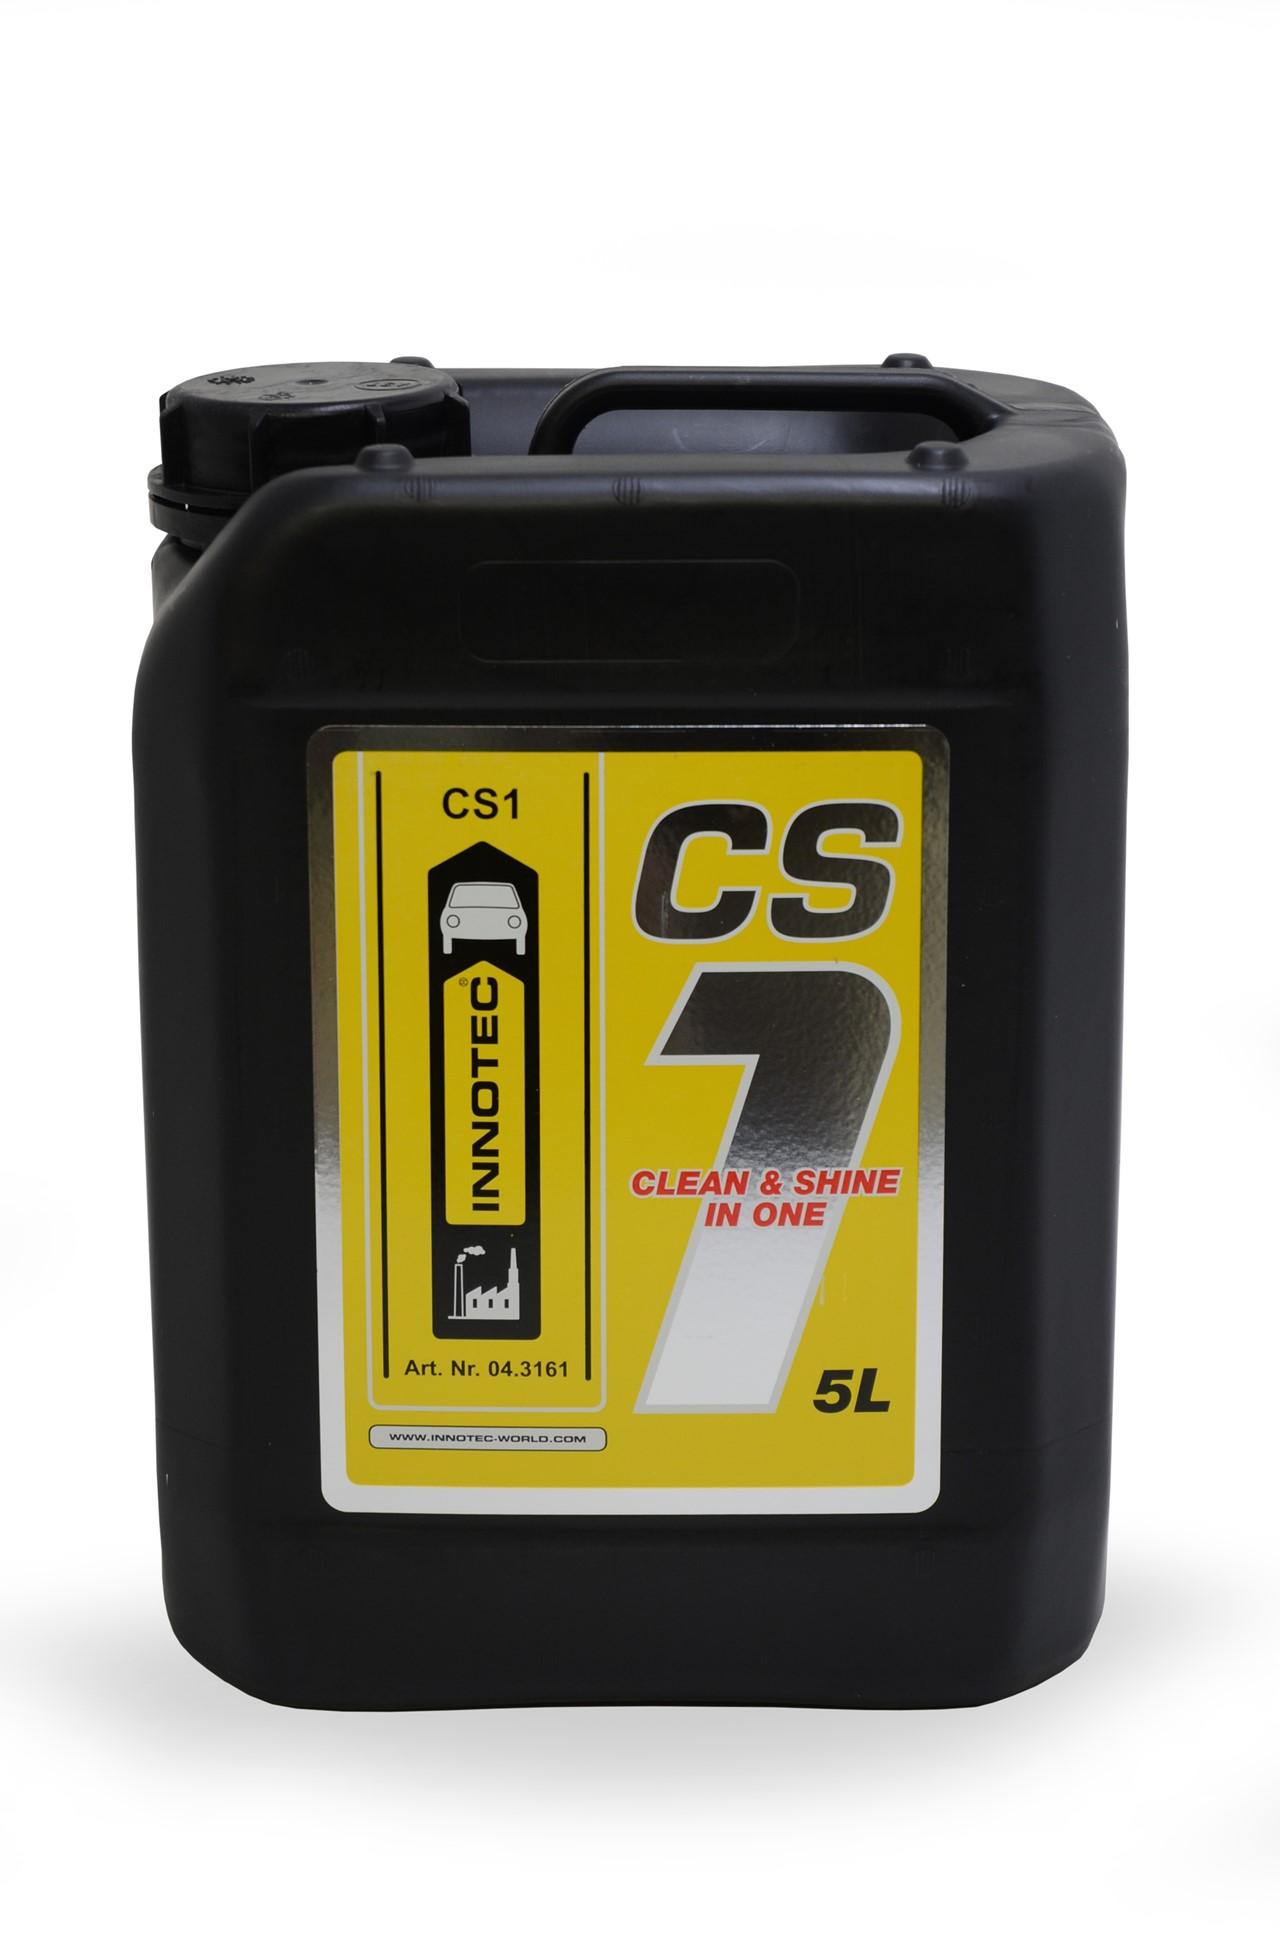 CS1-5L_print.jpg